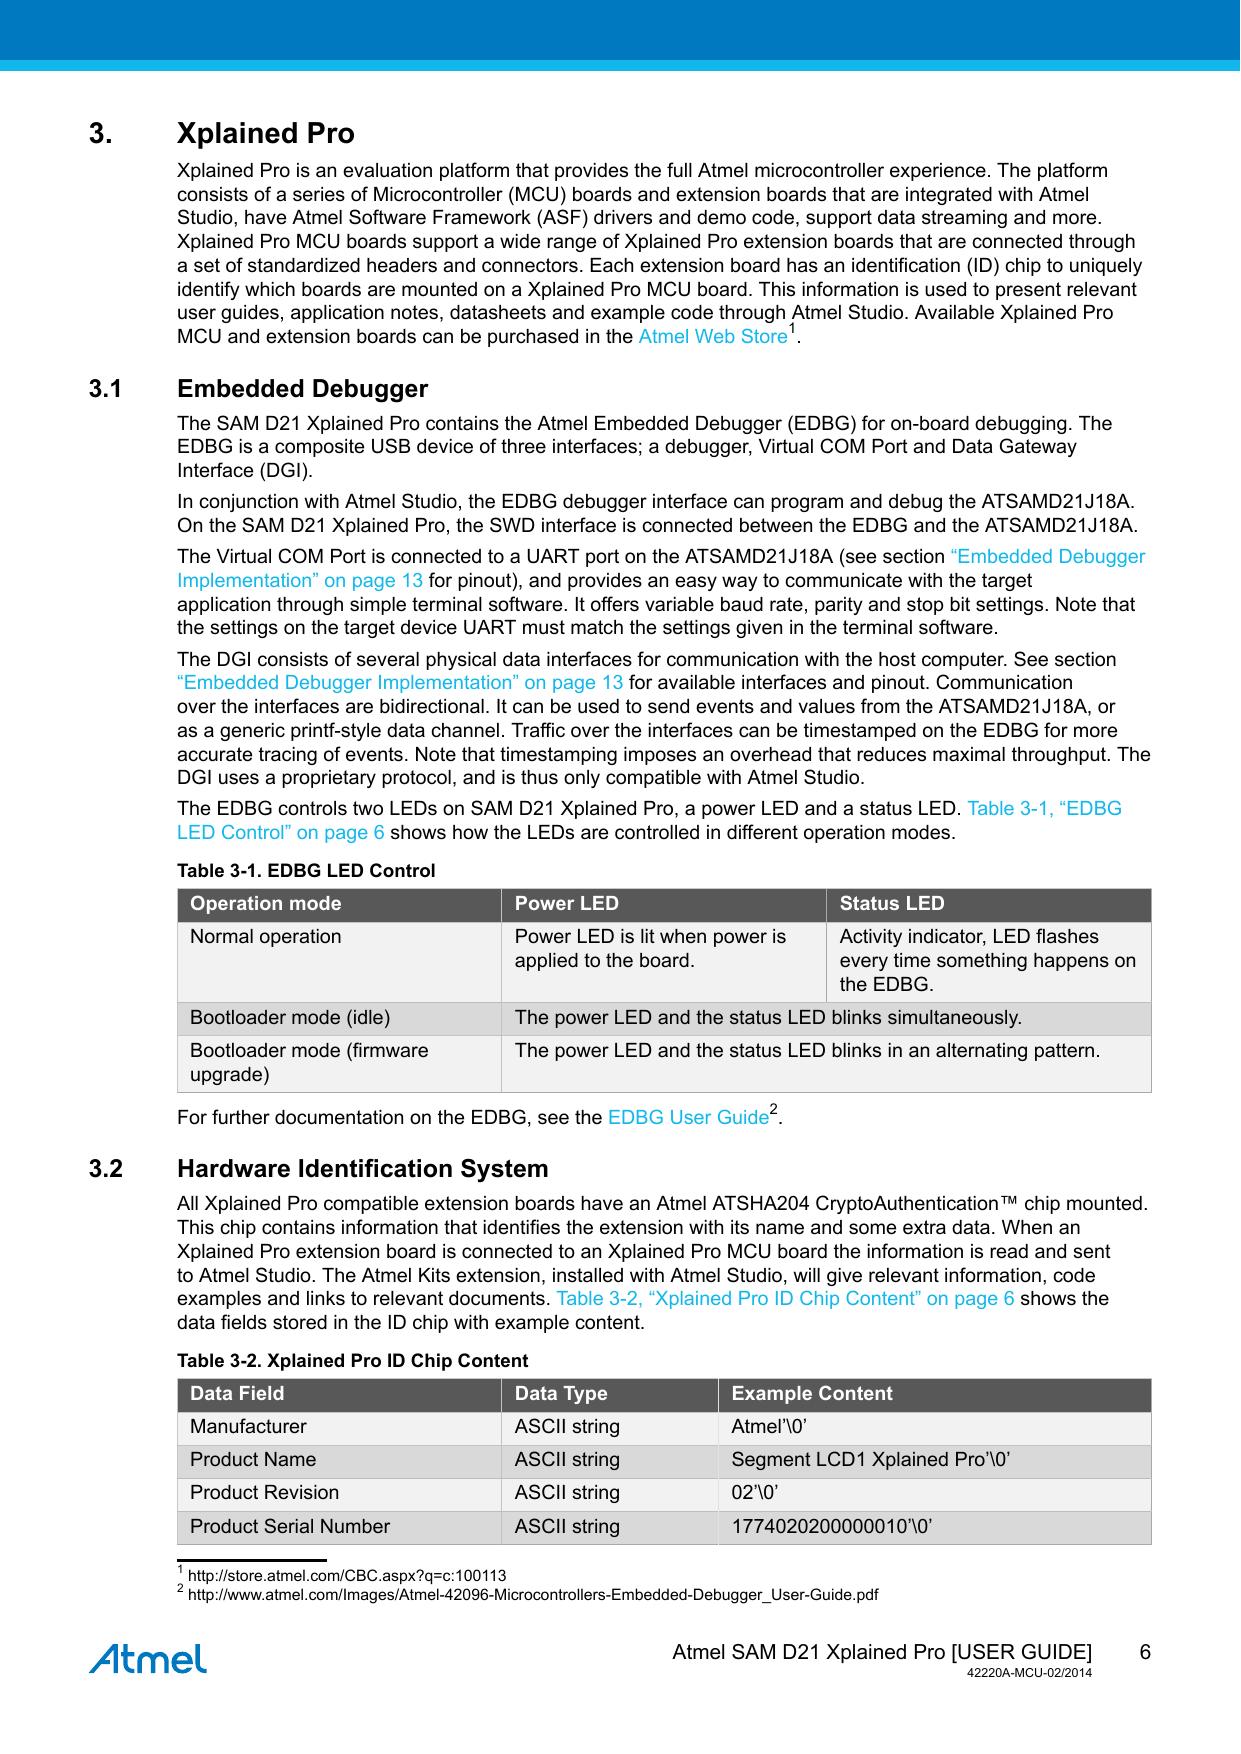 Atmel SAM D21 Xplained Pro (USER GUIDE) 42220 SAMD21 User Guide